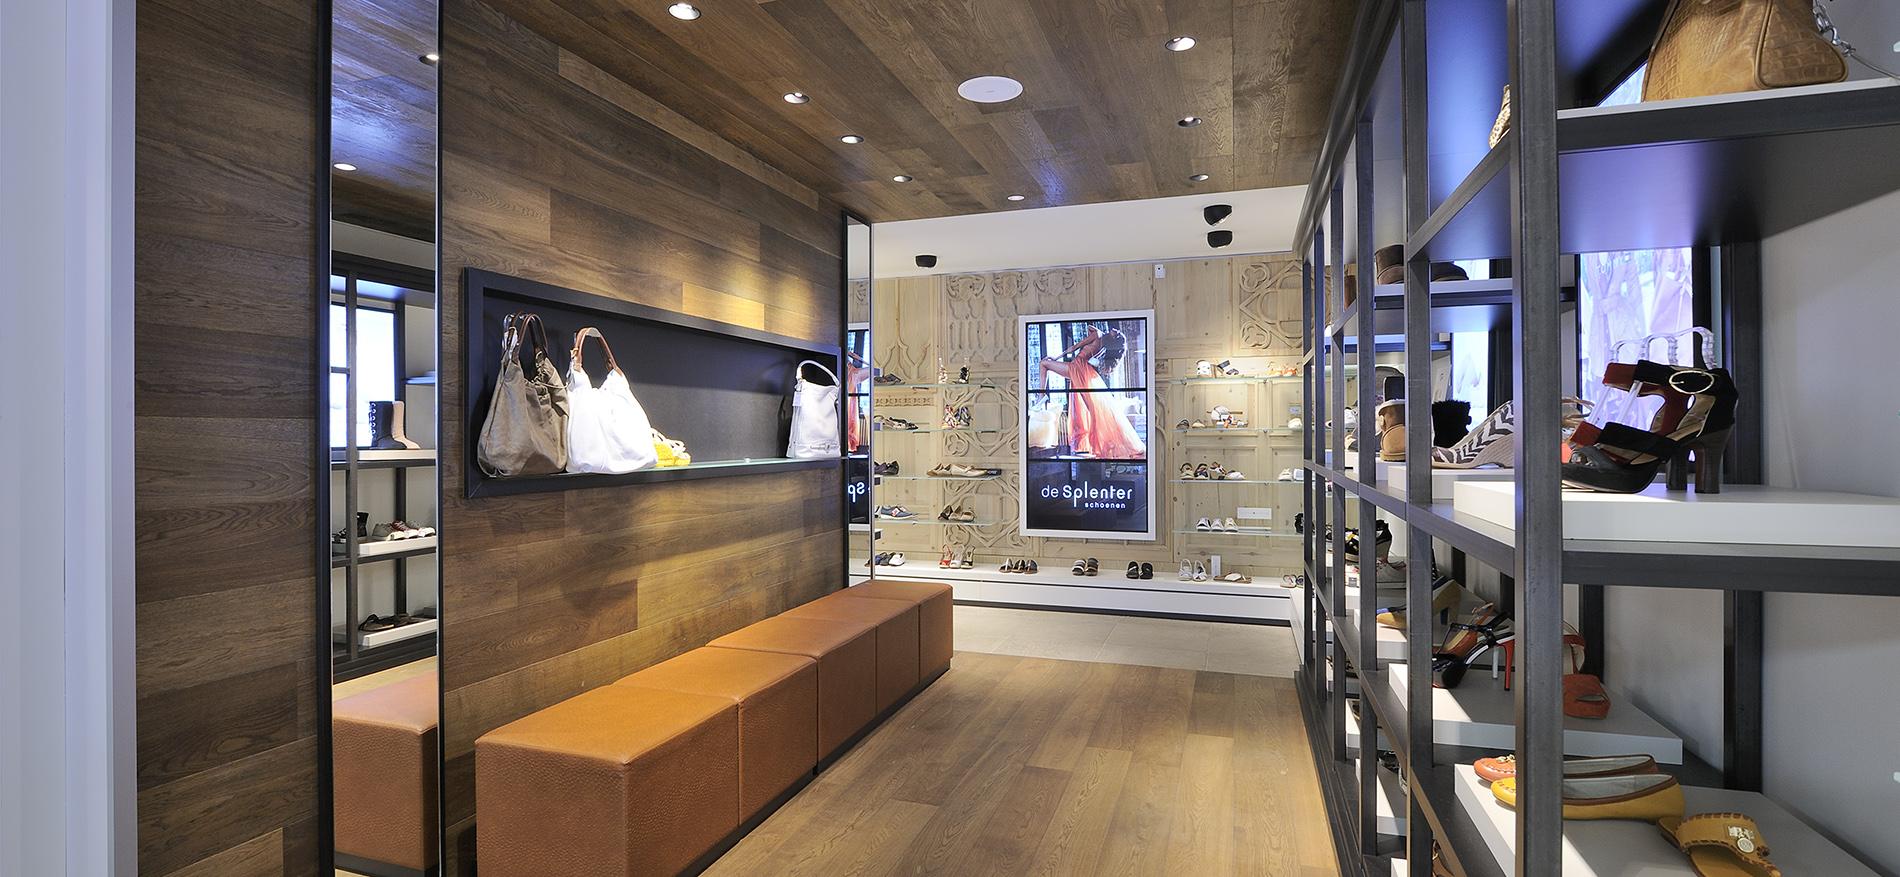 Chaussures agencement int rieur pour la boutique de for Agencement interieur